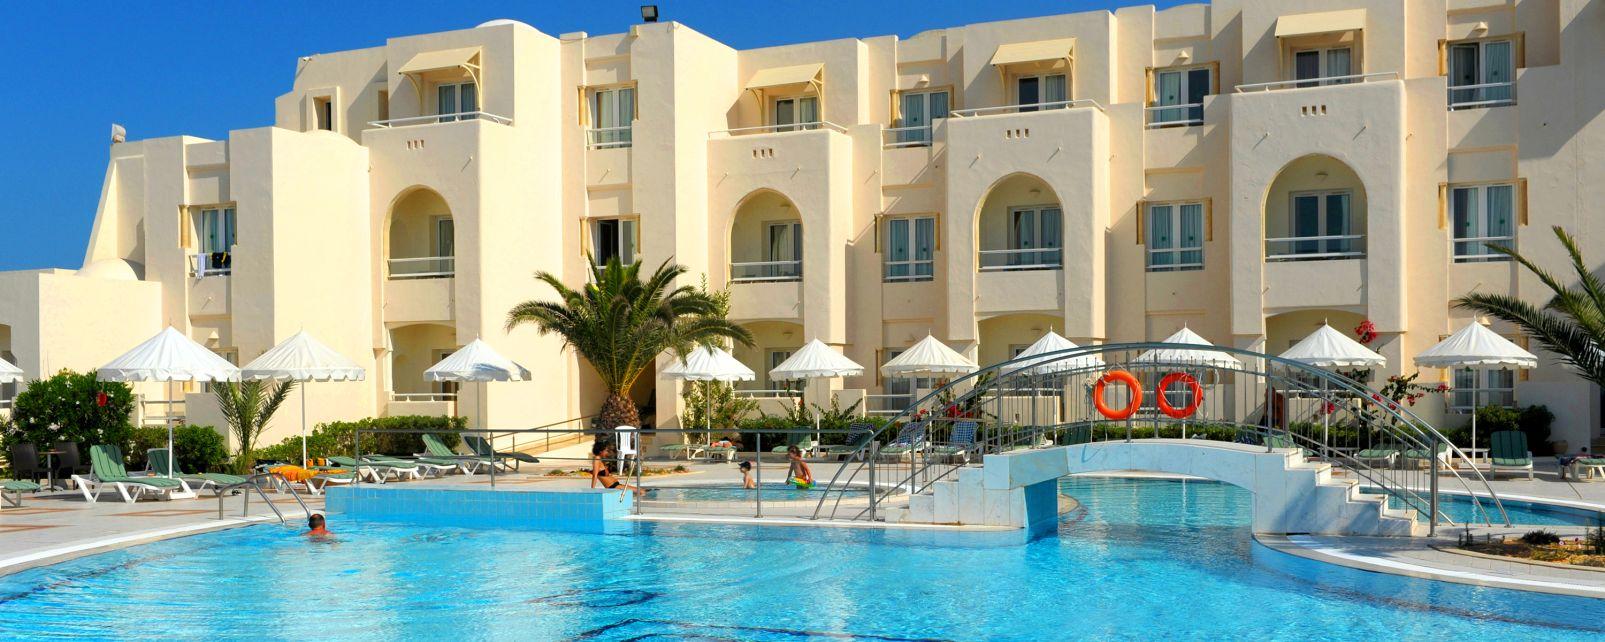 Hôtel Telemaque Beach and Spa